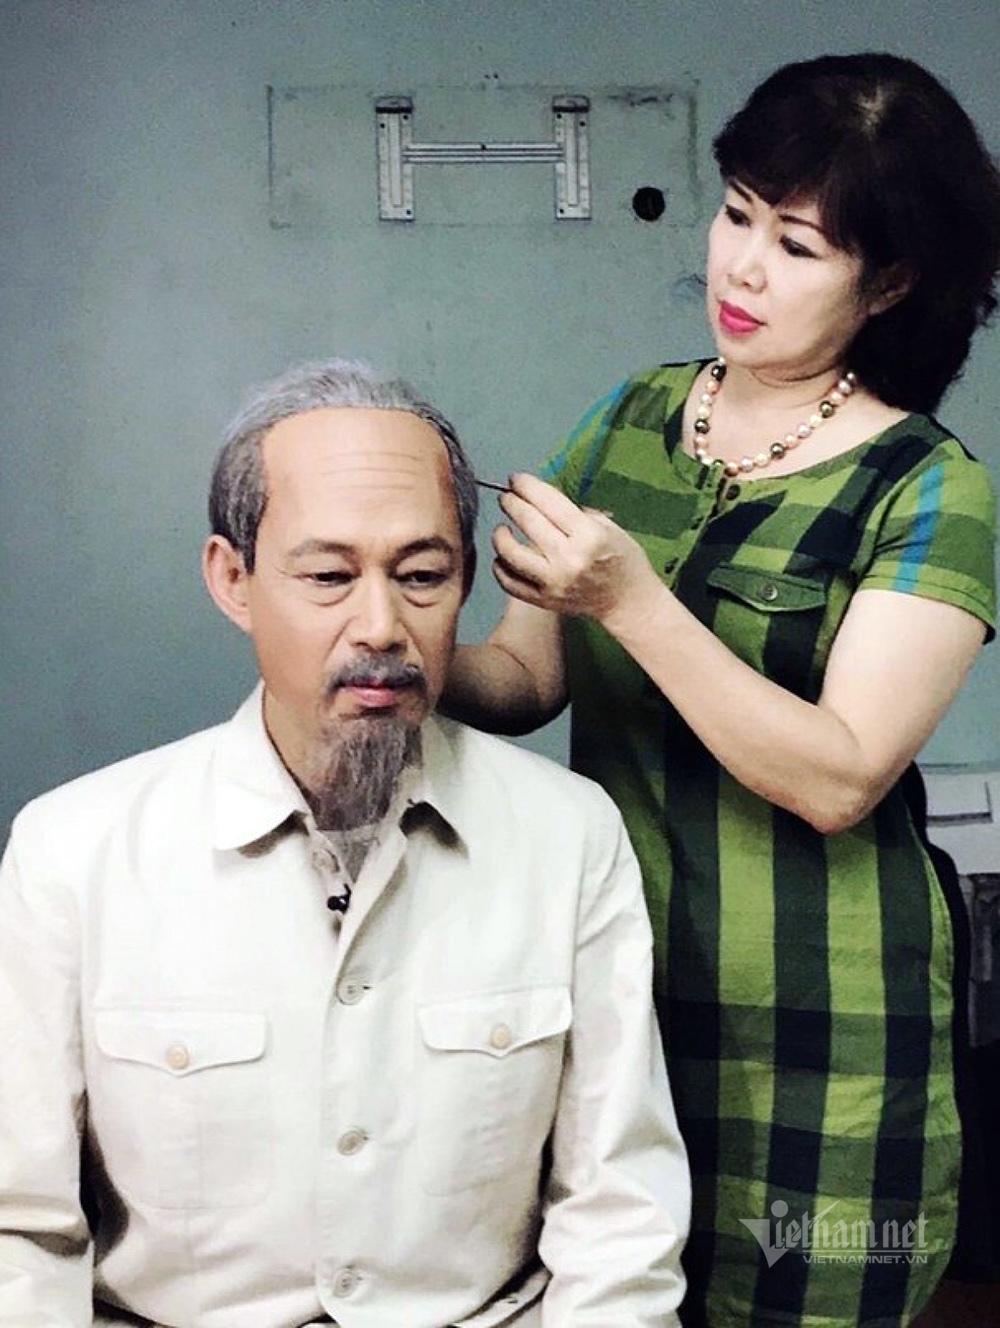 Thăm nhà NSƯT Tiến Hợi - người 34 năm đóng vai Bác Hồ